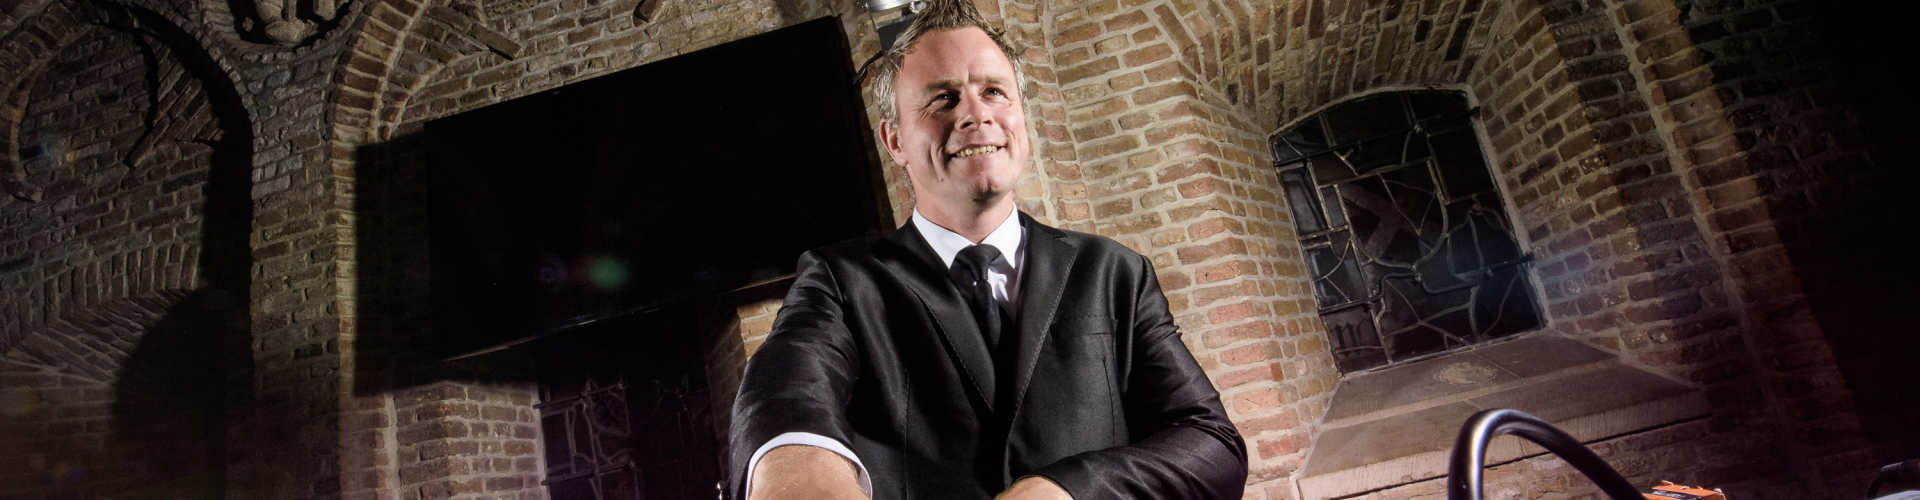 DJ huren voor bruiloft Ambitious DJ Johan Post hier voor exclusieve bruiloft in Gouda